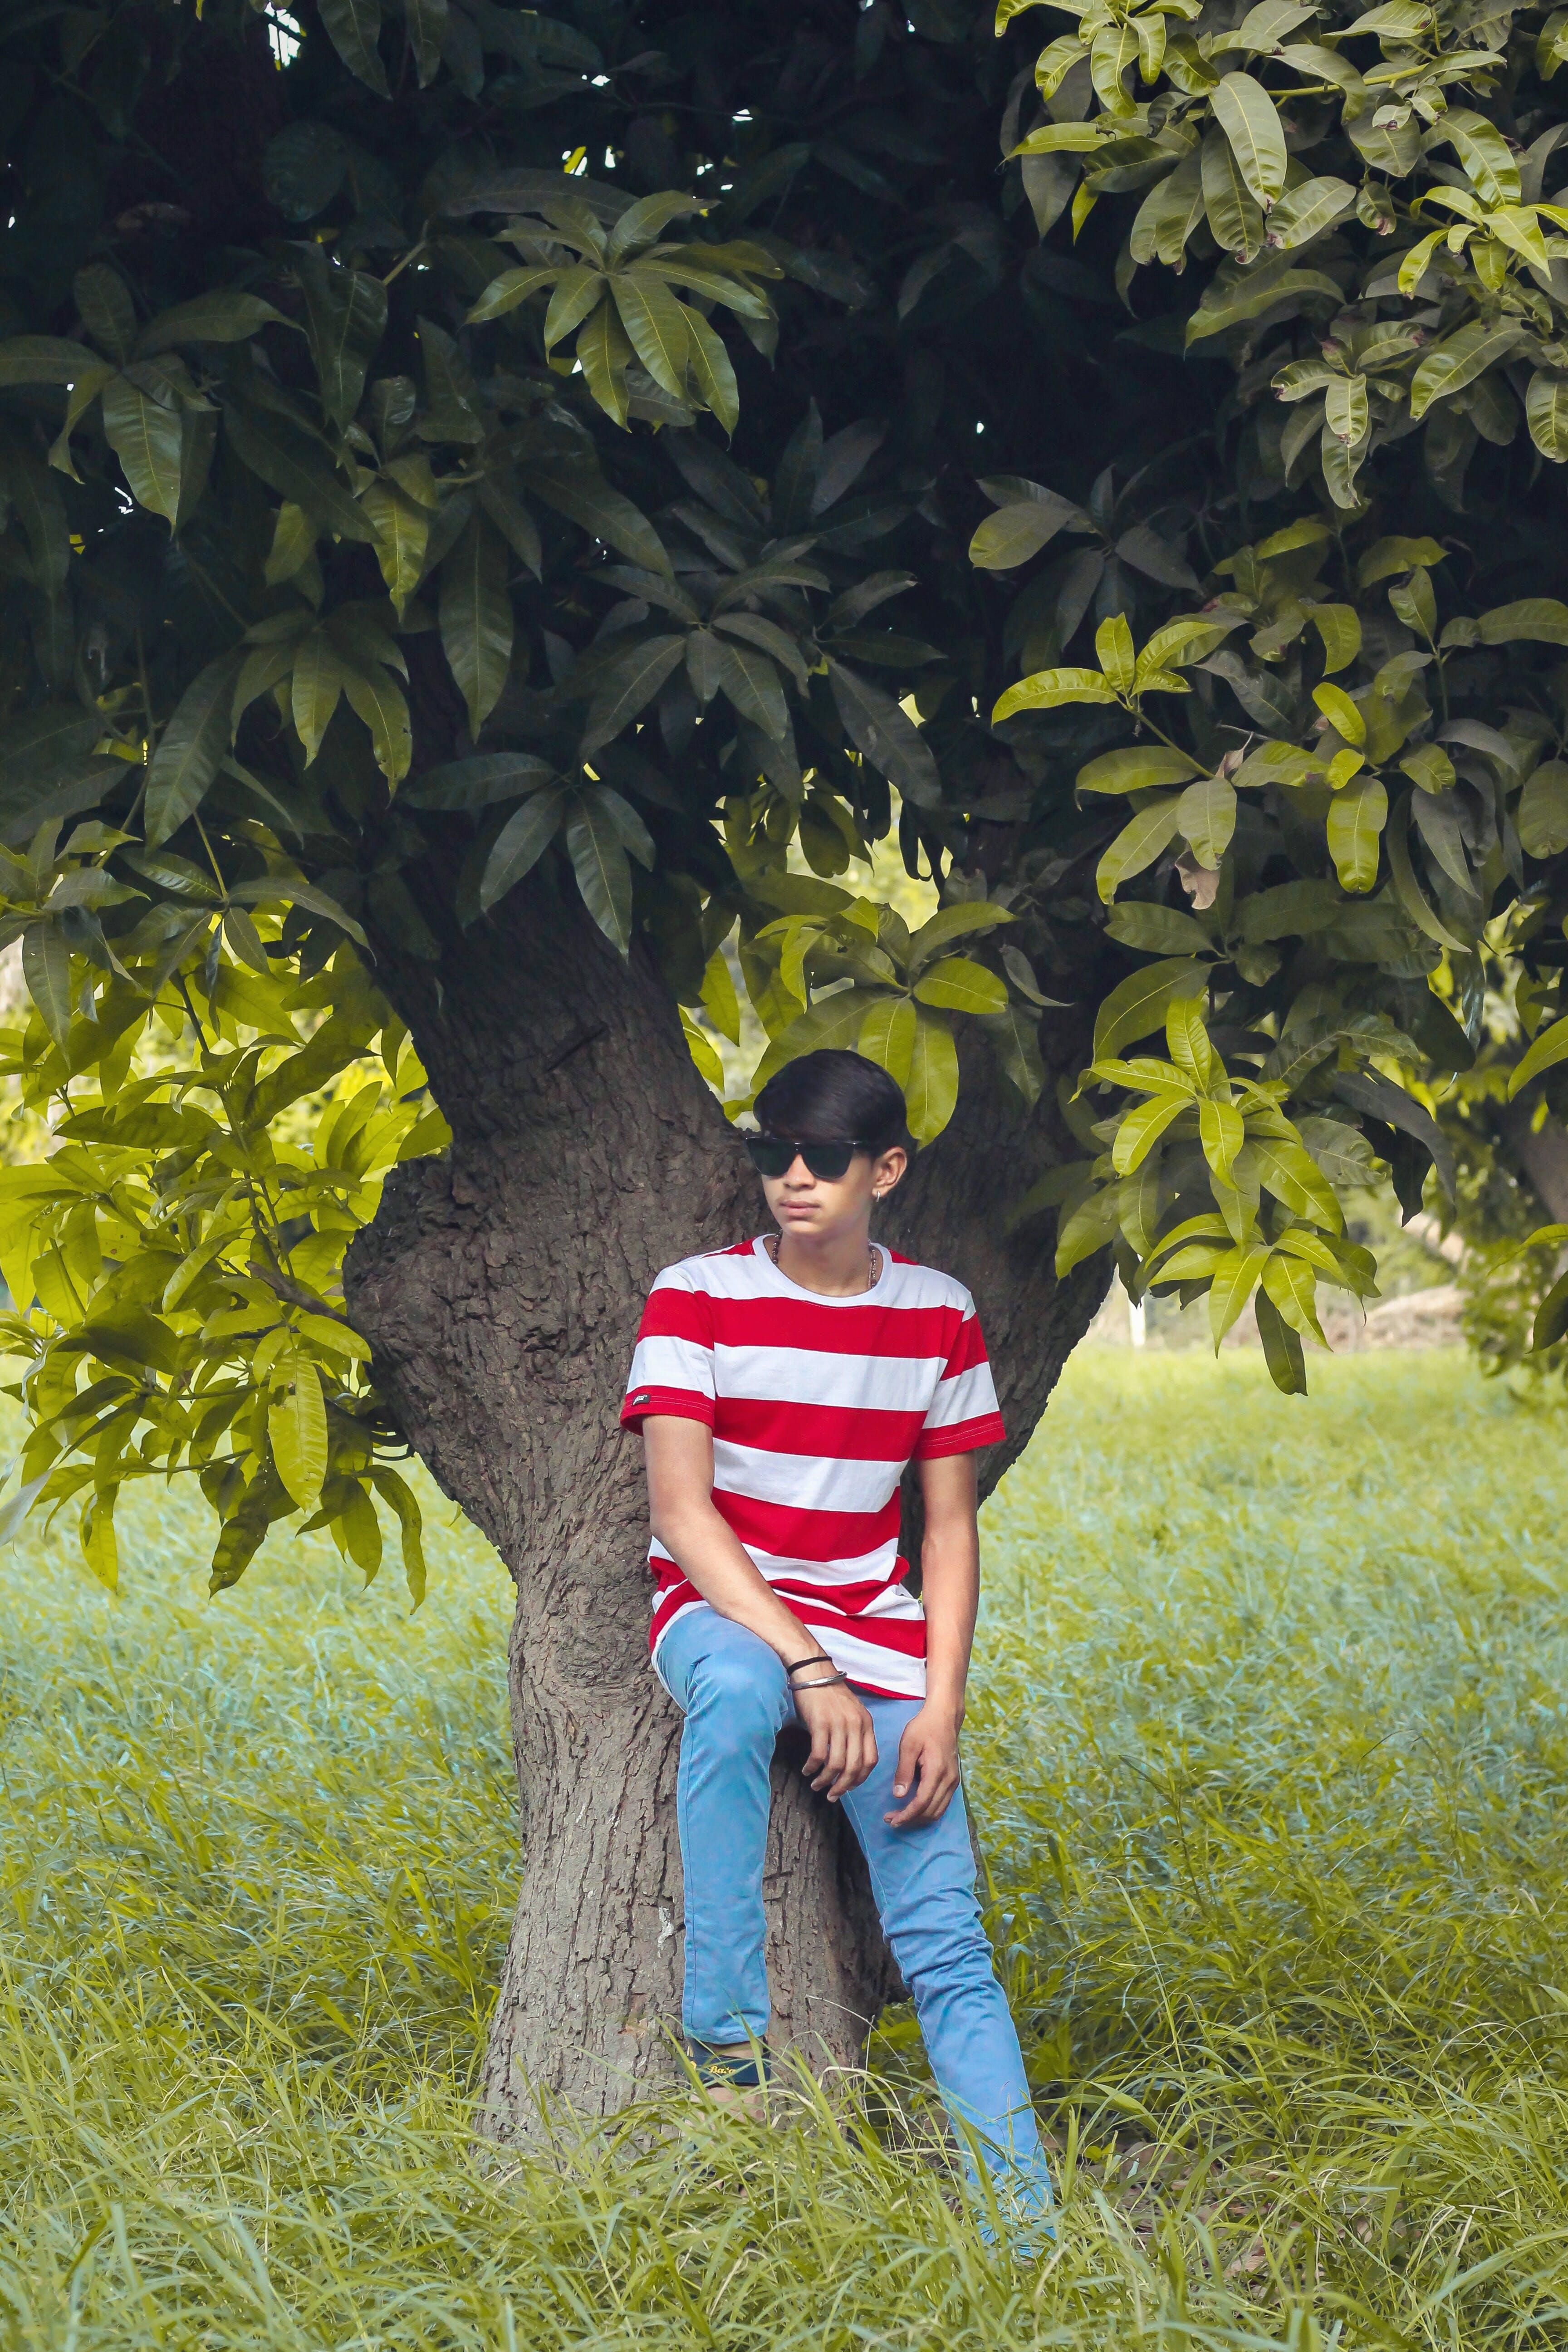 Fotos de stock gratuitas de actitud, árbol, casual, césped